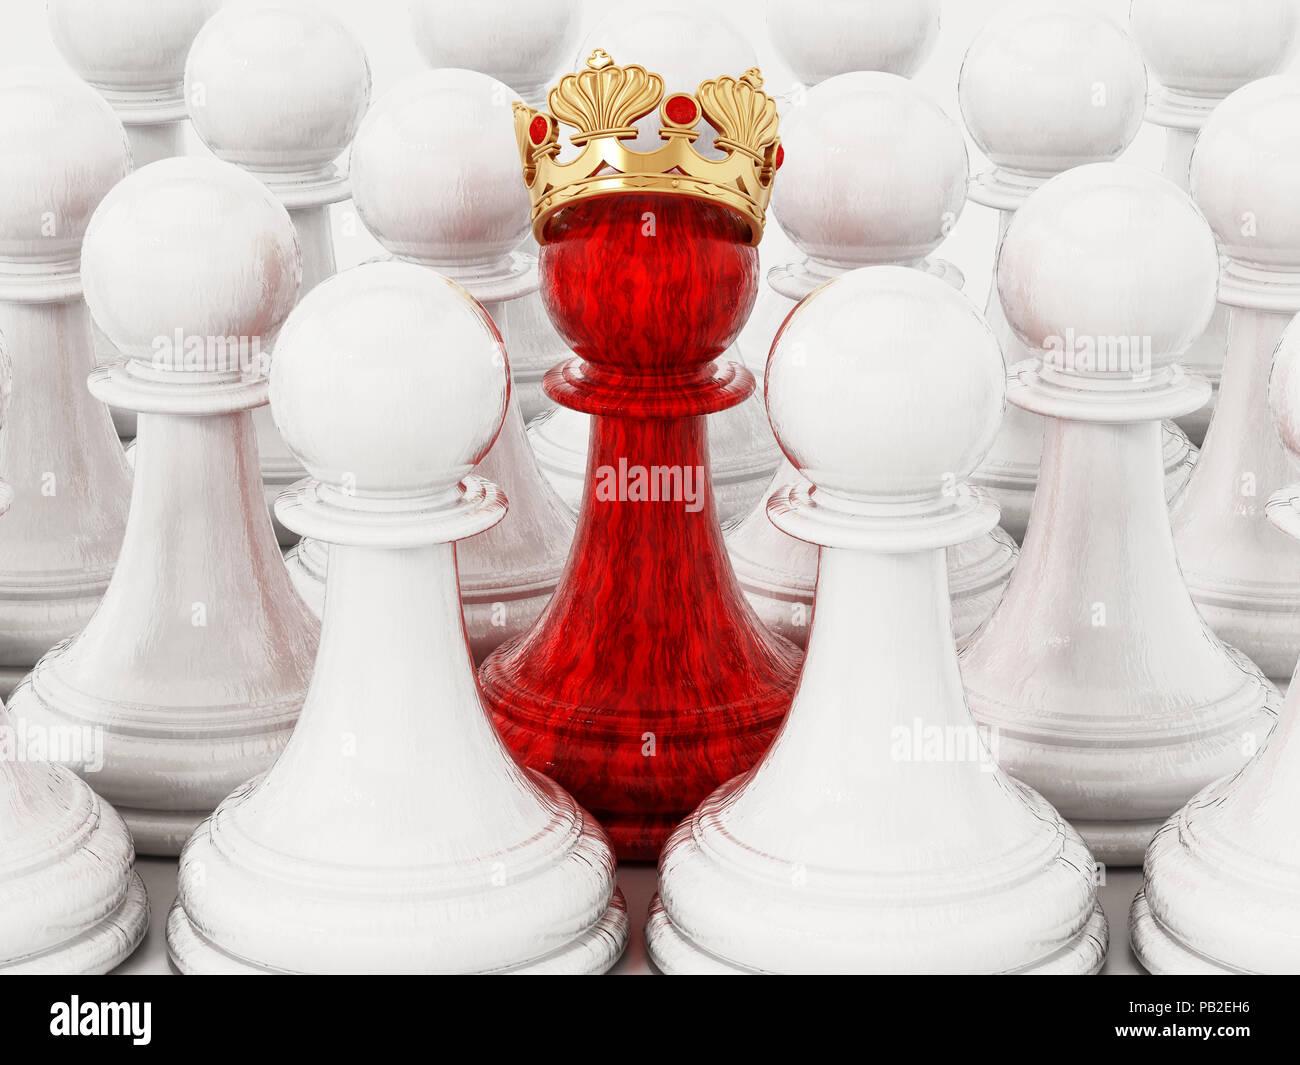 Rote schach Bauer mit der goldenen Krone stehen unter weißen Bauern. 3D-Darstellung. Stockbild